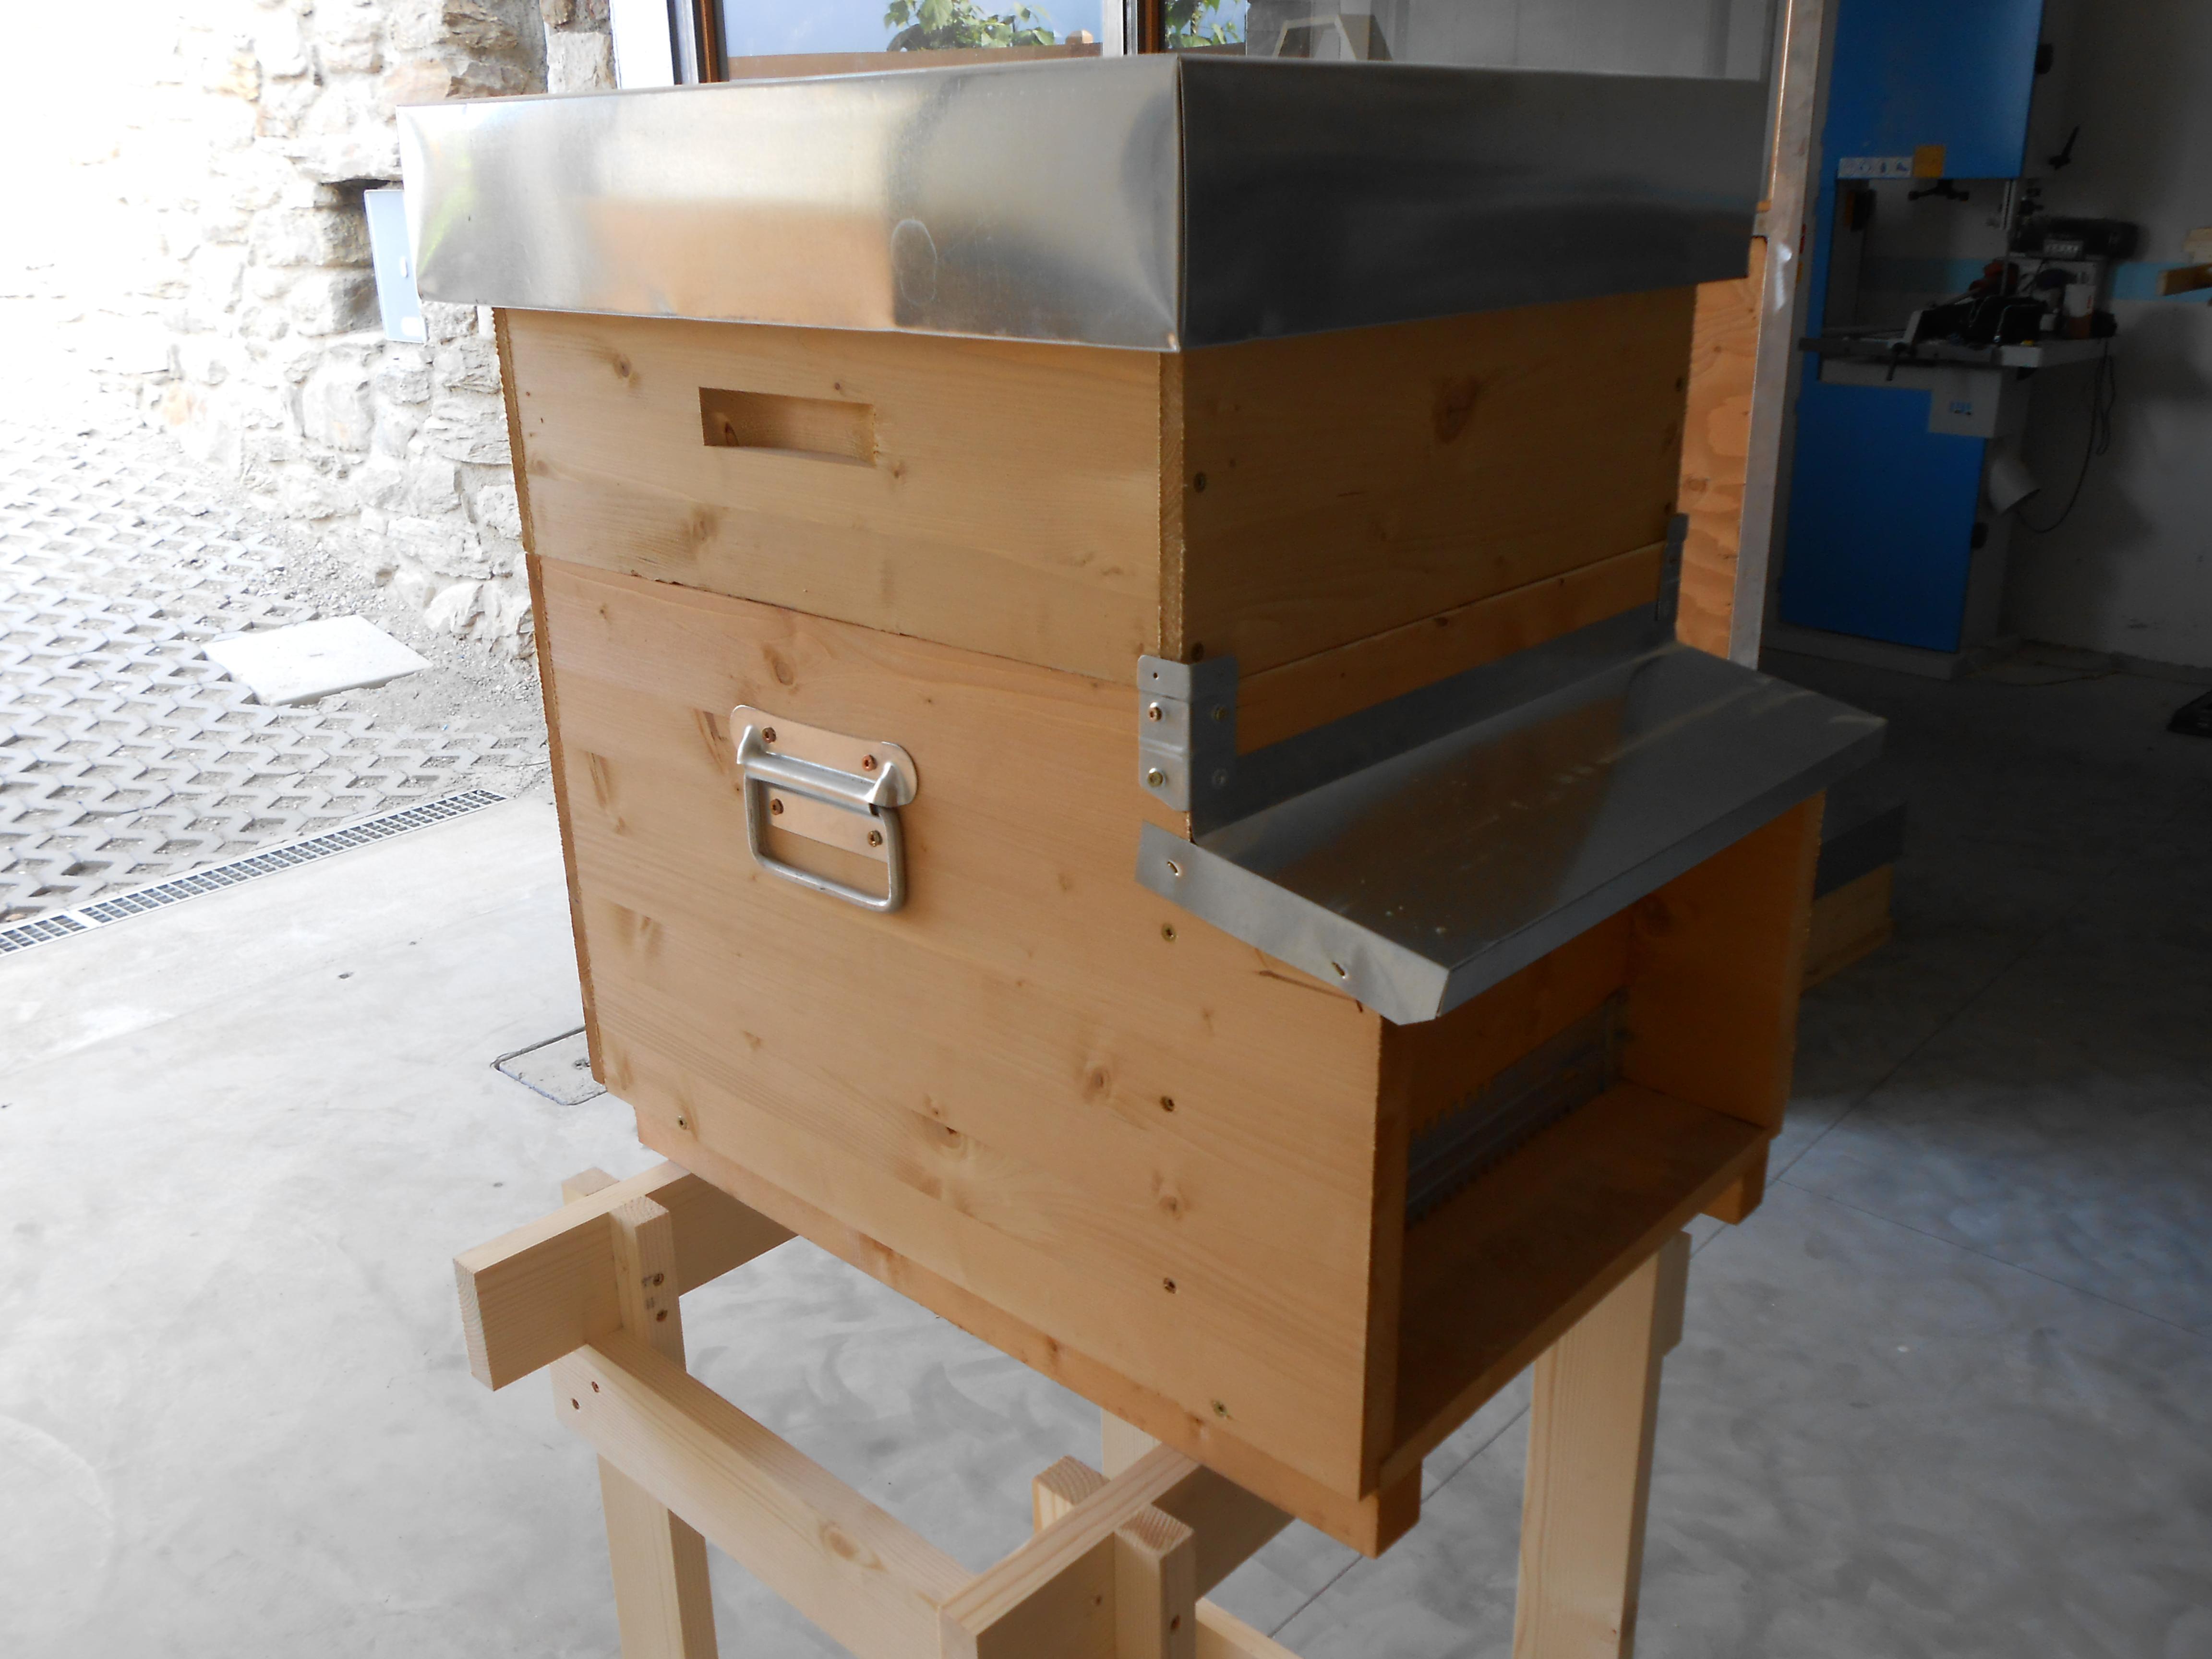 Azienda del Mese: Casa dell'Ape. In Trentino, la prima azienda apistica certificata PEFC